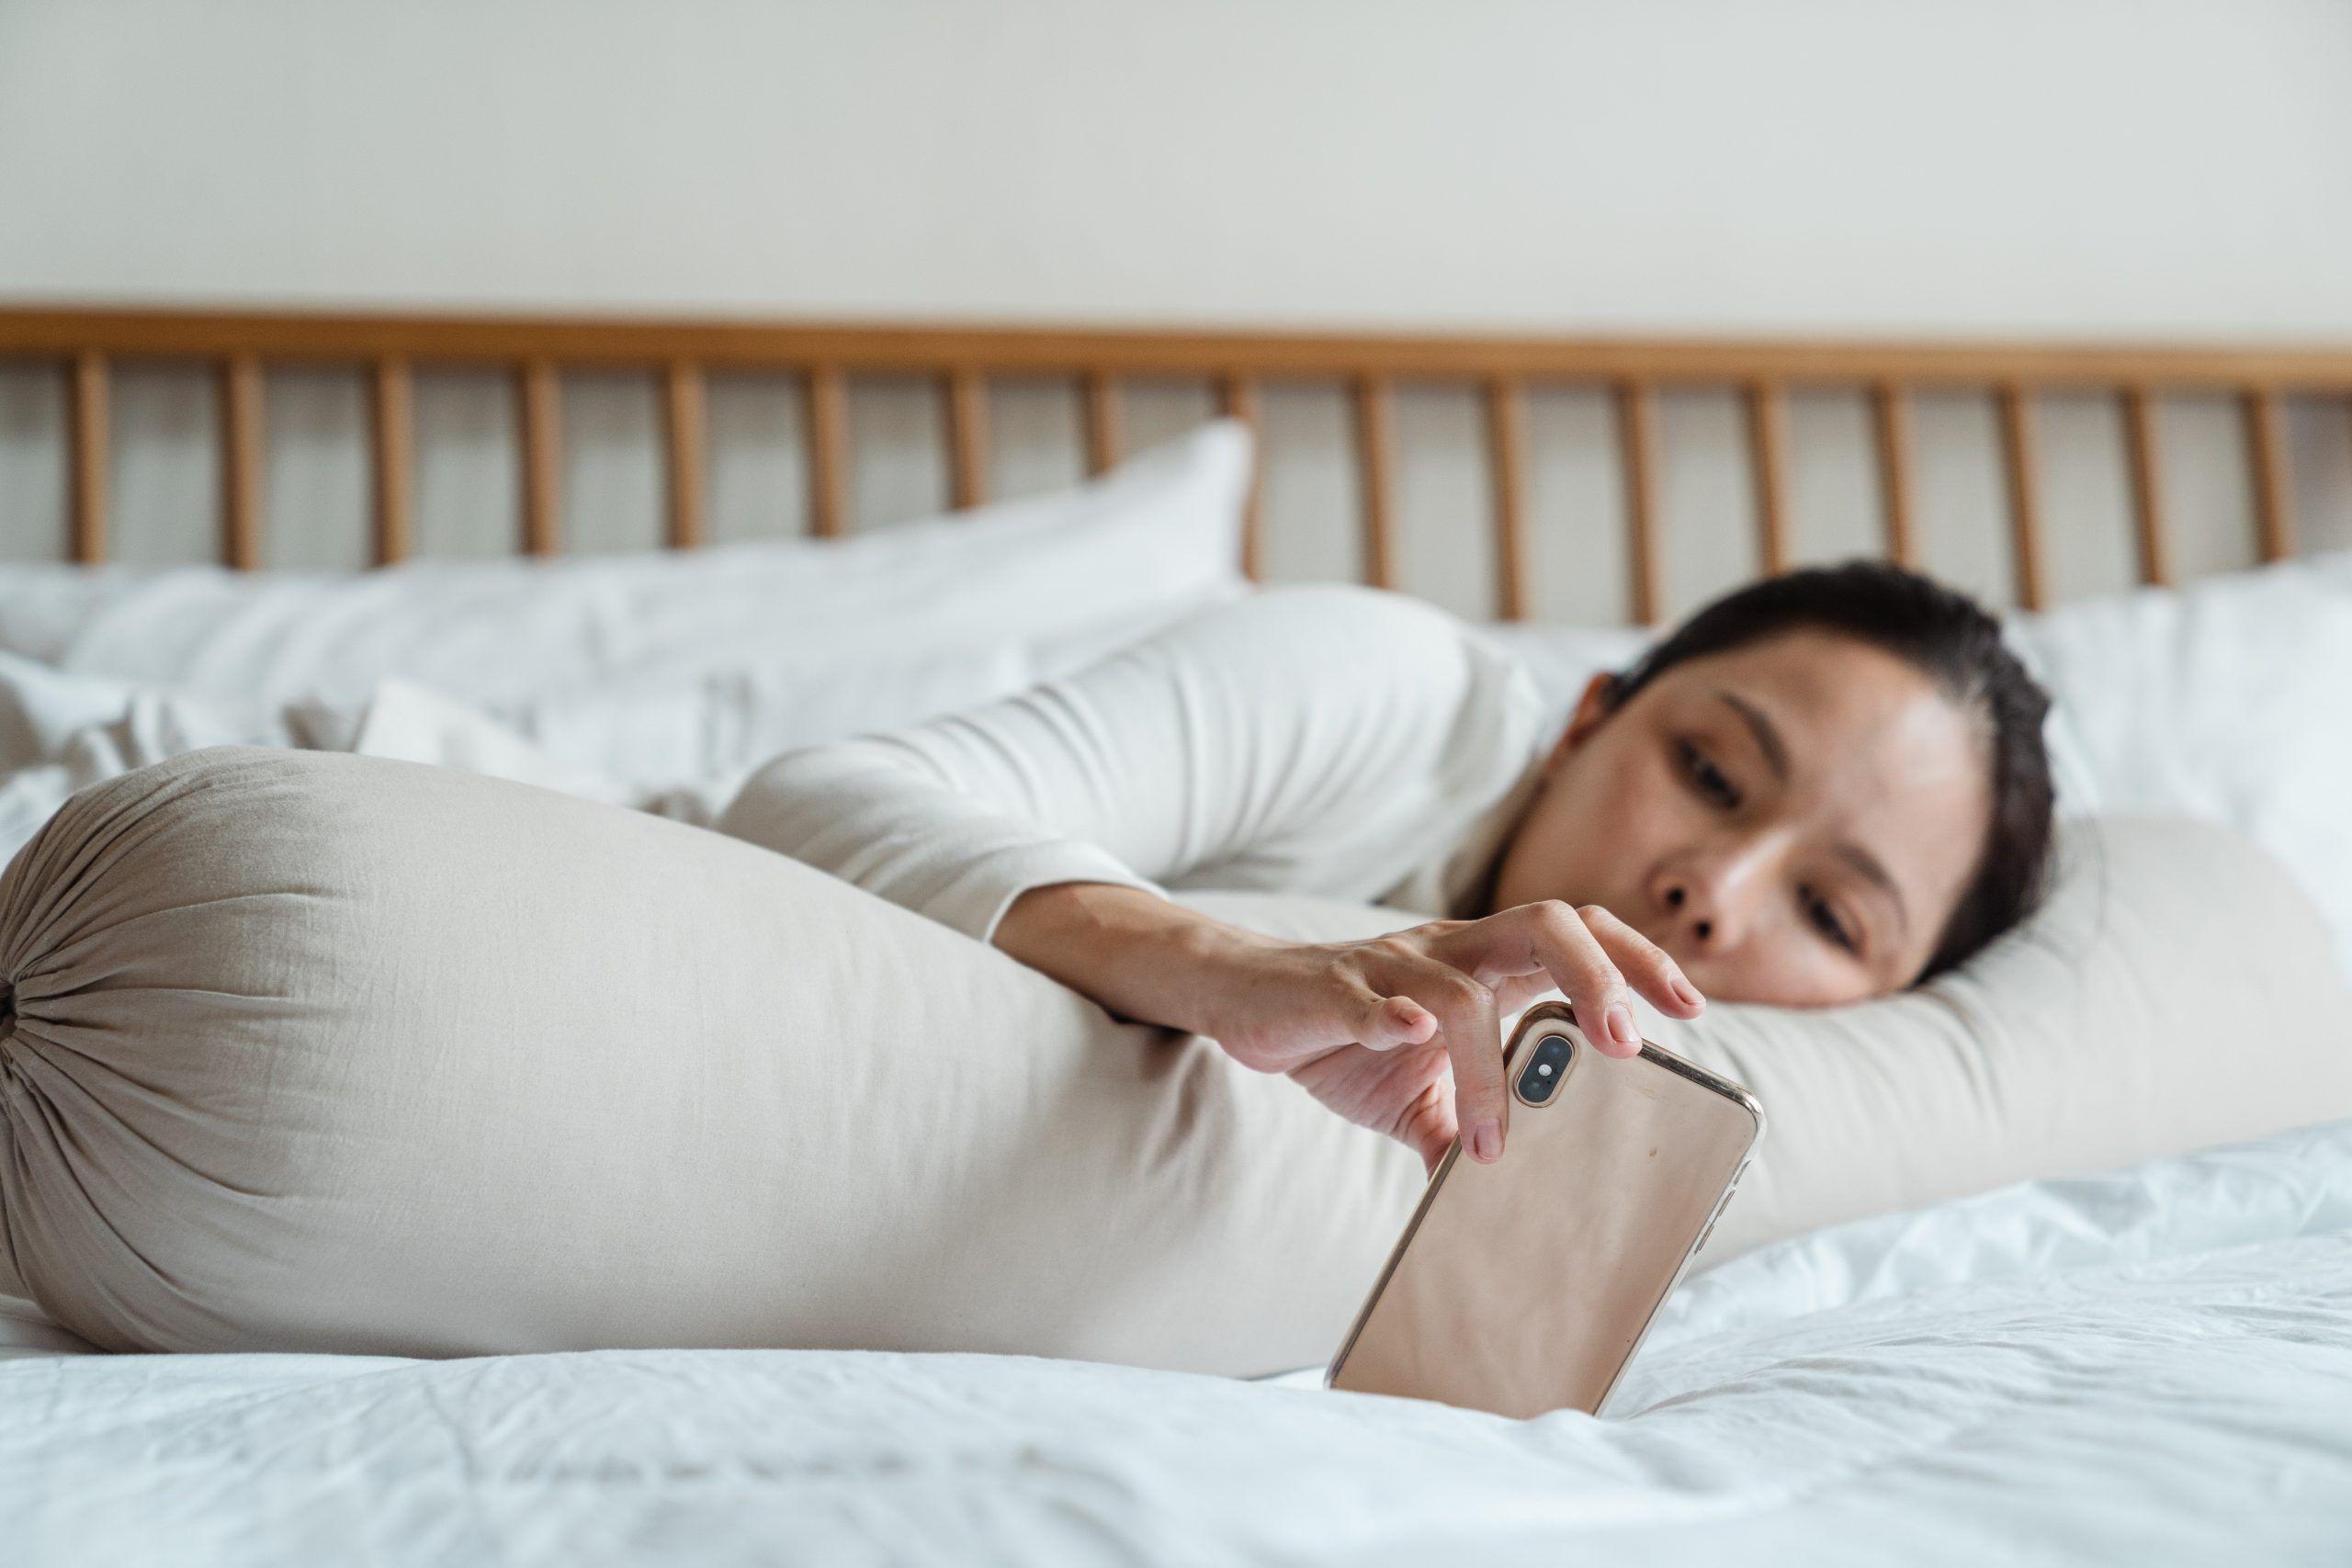 ¿Haces bien el teletrabajo en casa? (Test) 2